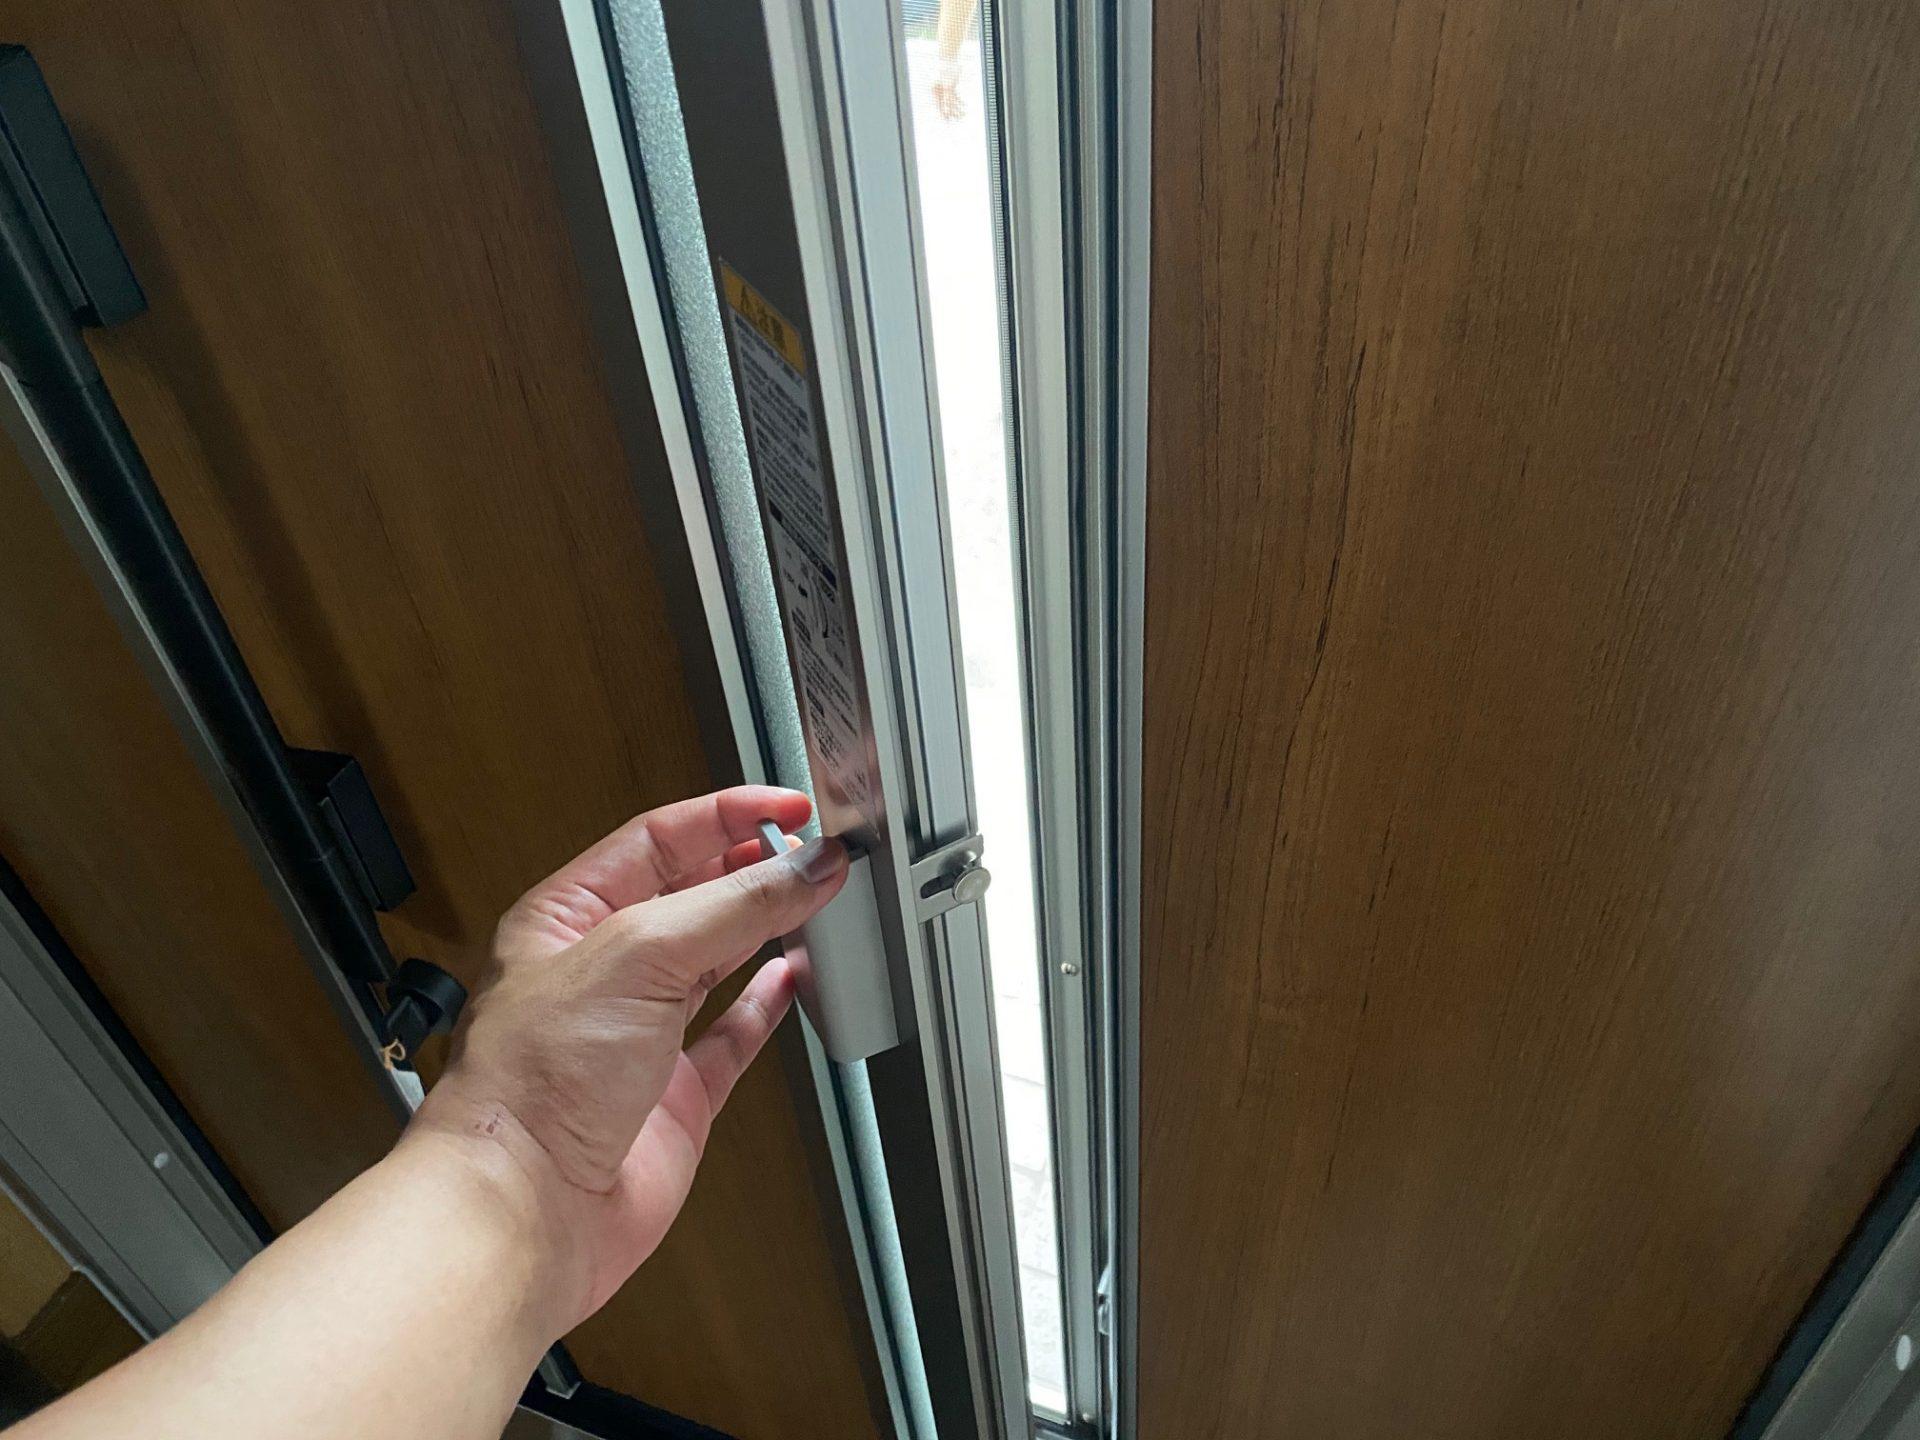 見附市 玄関ドアリフォーム・補助金よりも窓助の方が安価!?